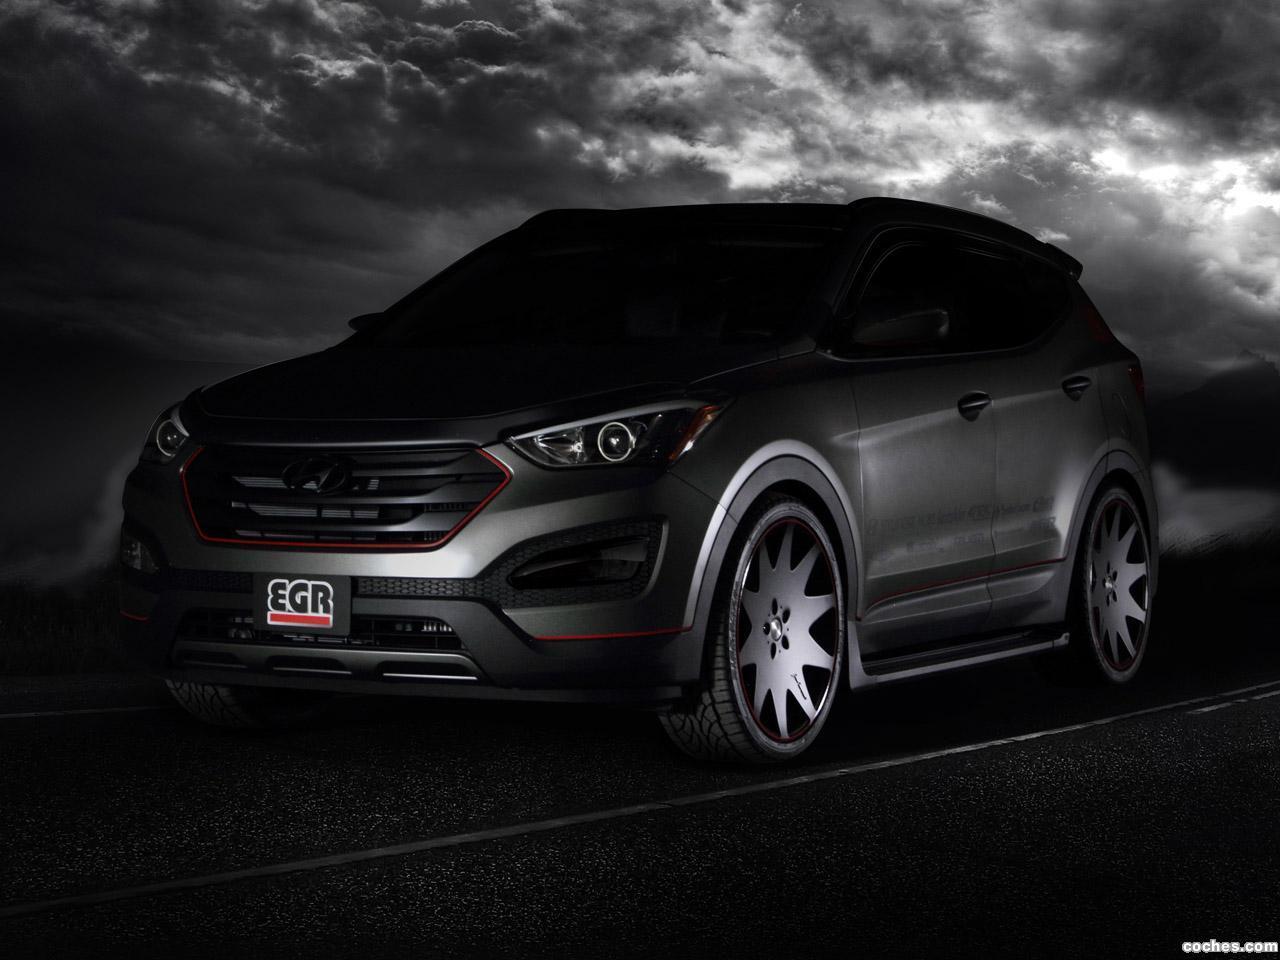 Foto 2 de Hyundai Santa Fe Sport EGR 2012